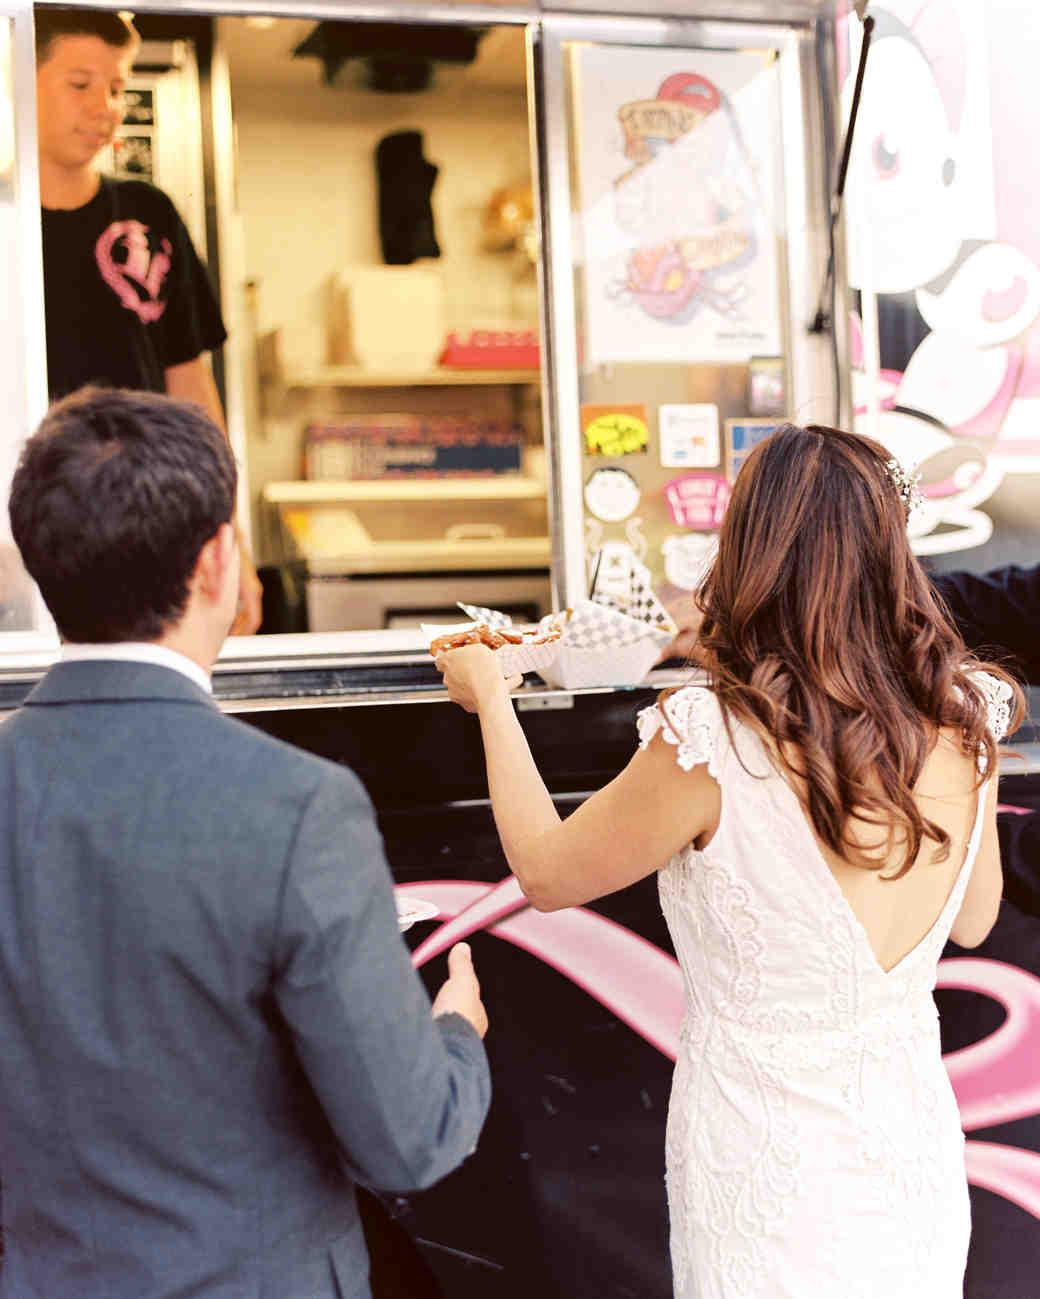 sydney-mike-wedding-foodtruck-92-s111778-0215.jpg